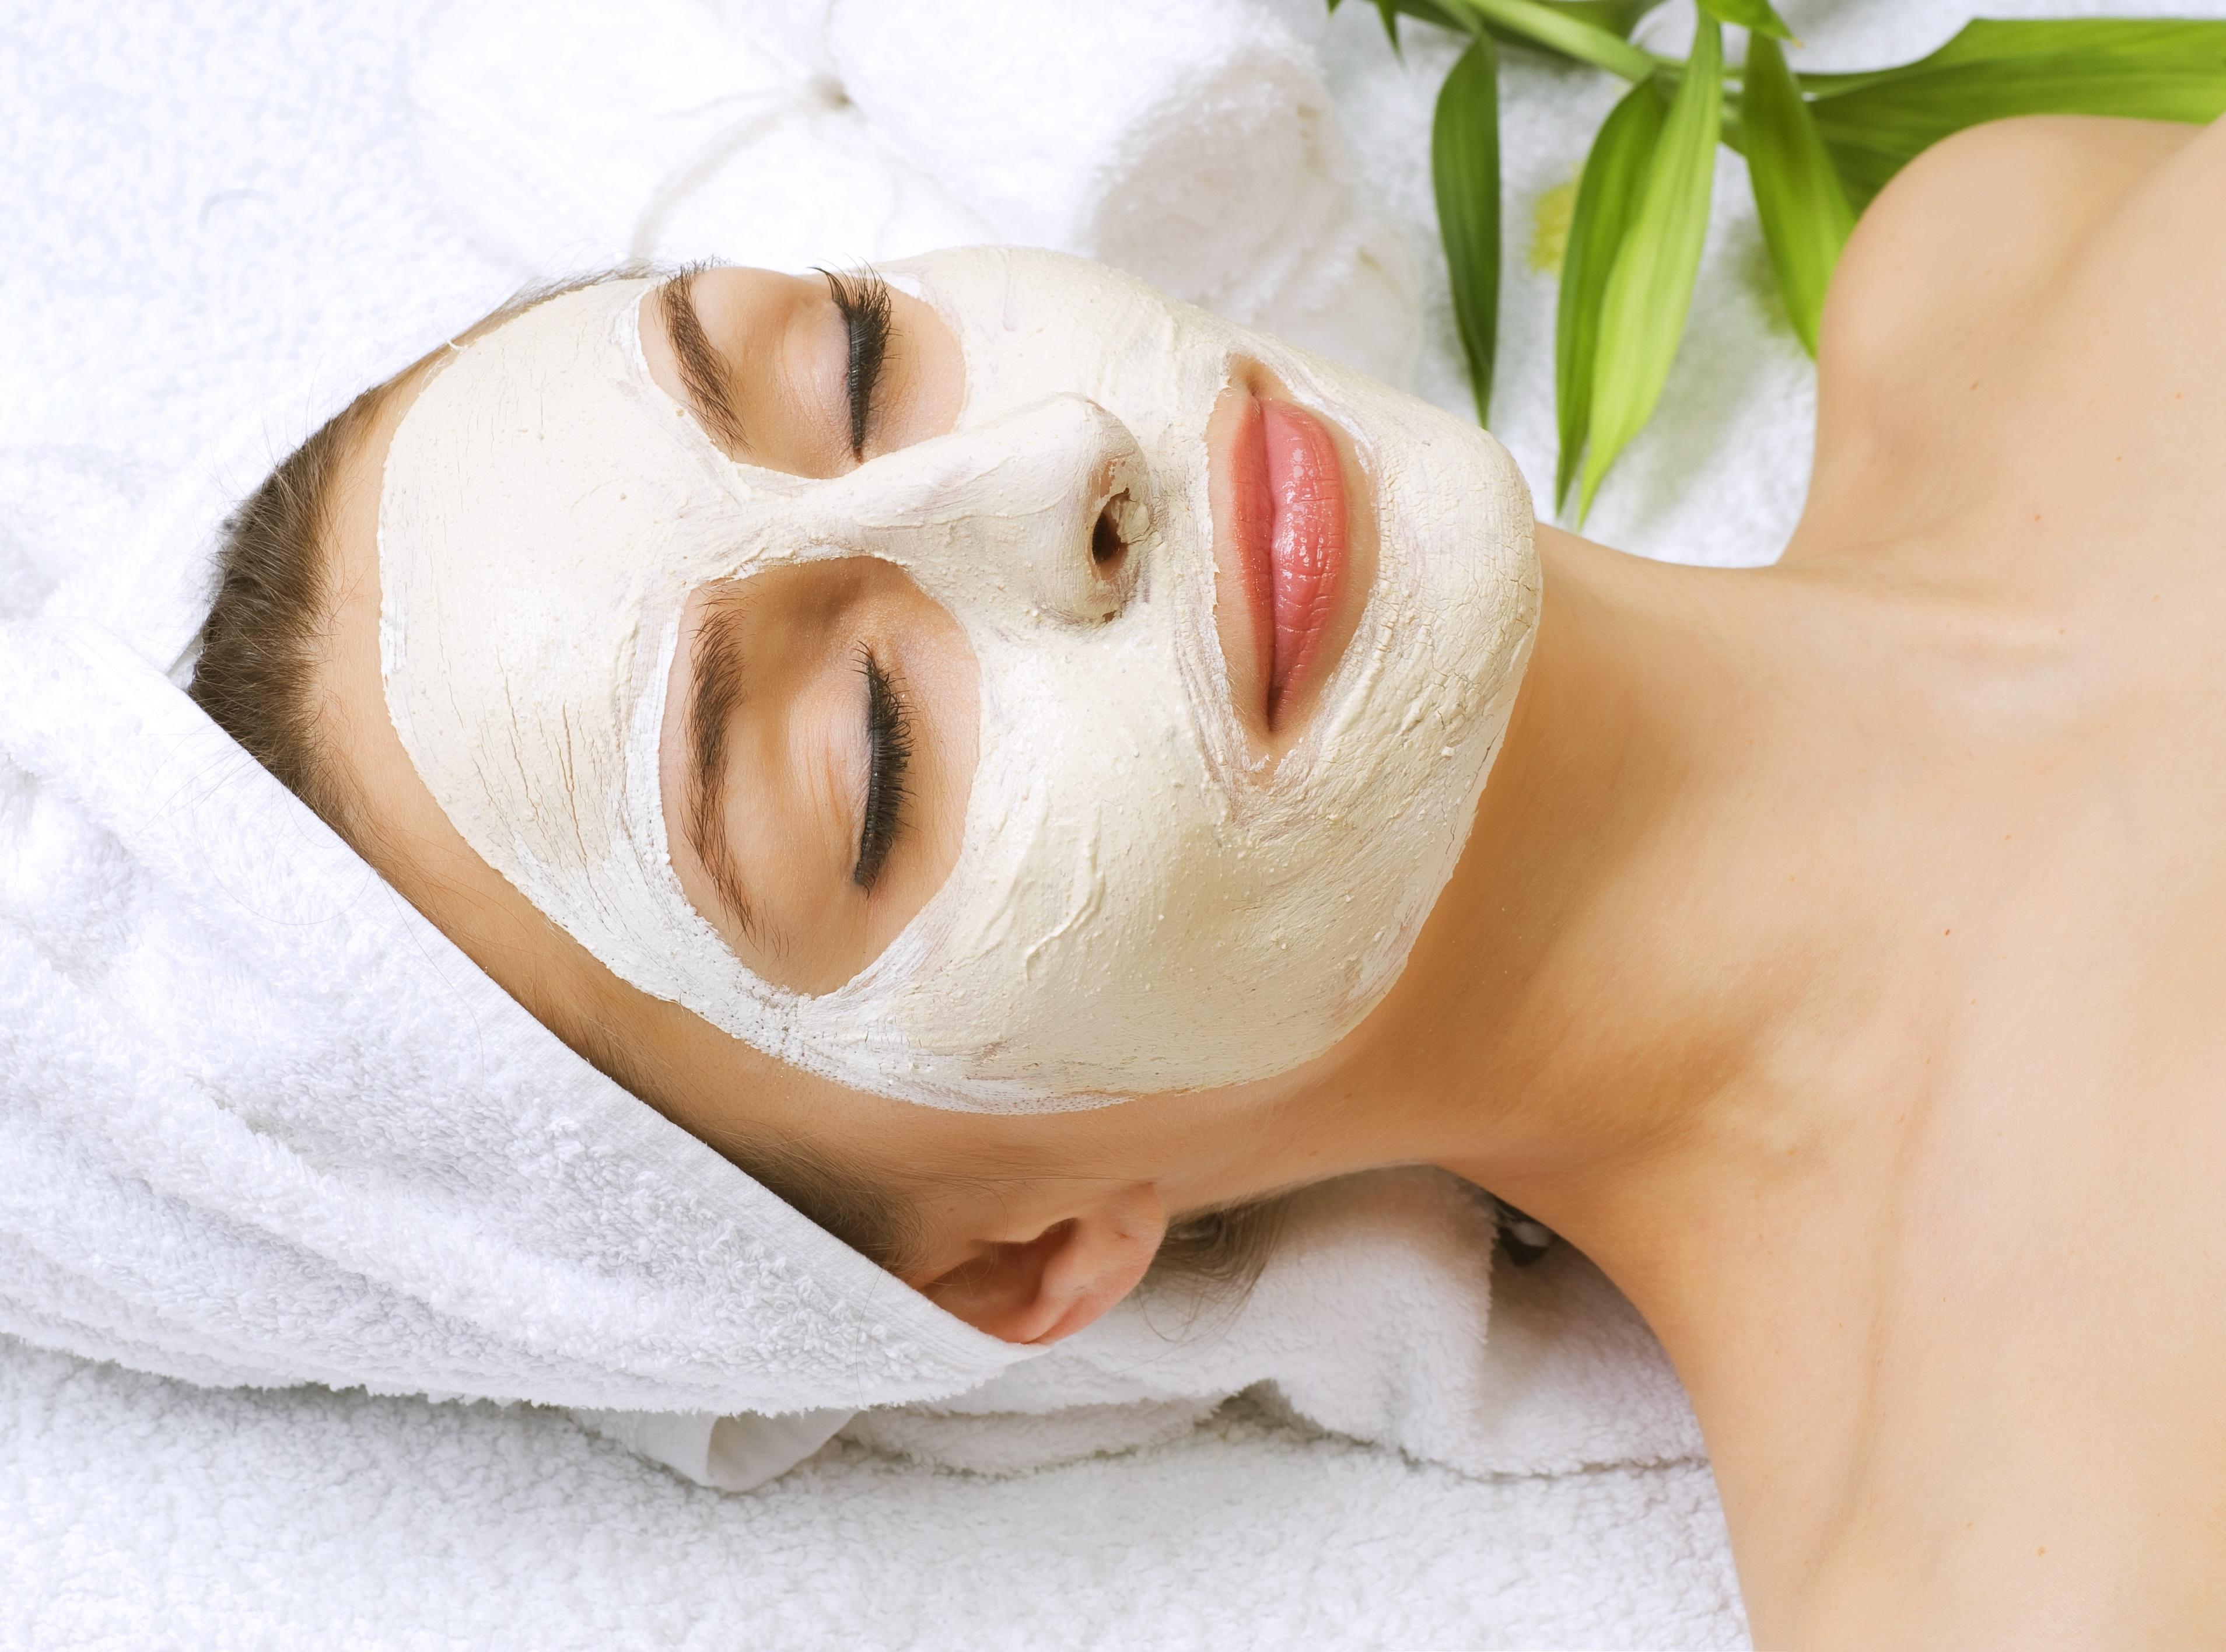 PunjabKesari, Sandalwood Face Pack Image, Shahnaz Husain Beauty Tips Image